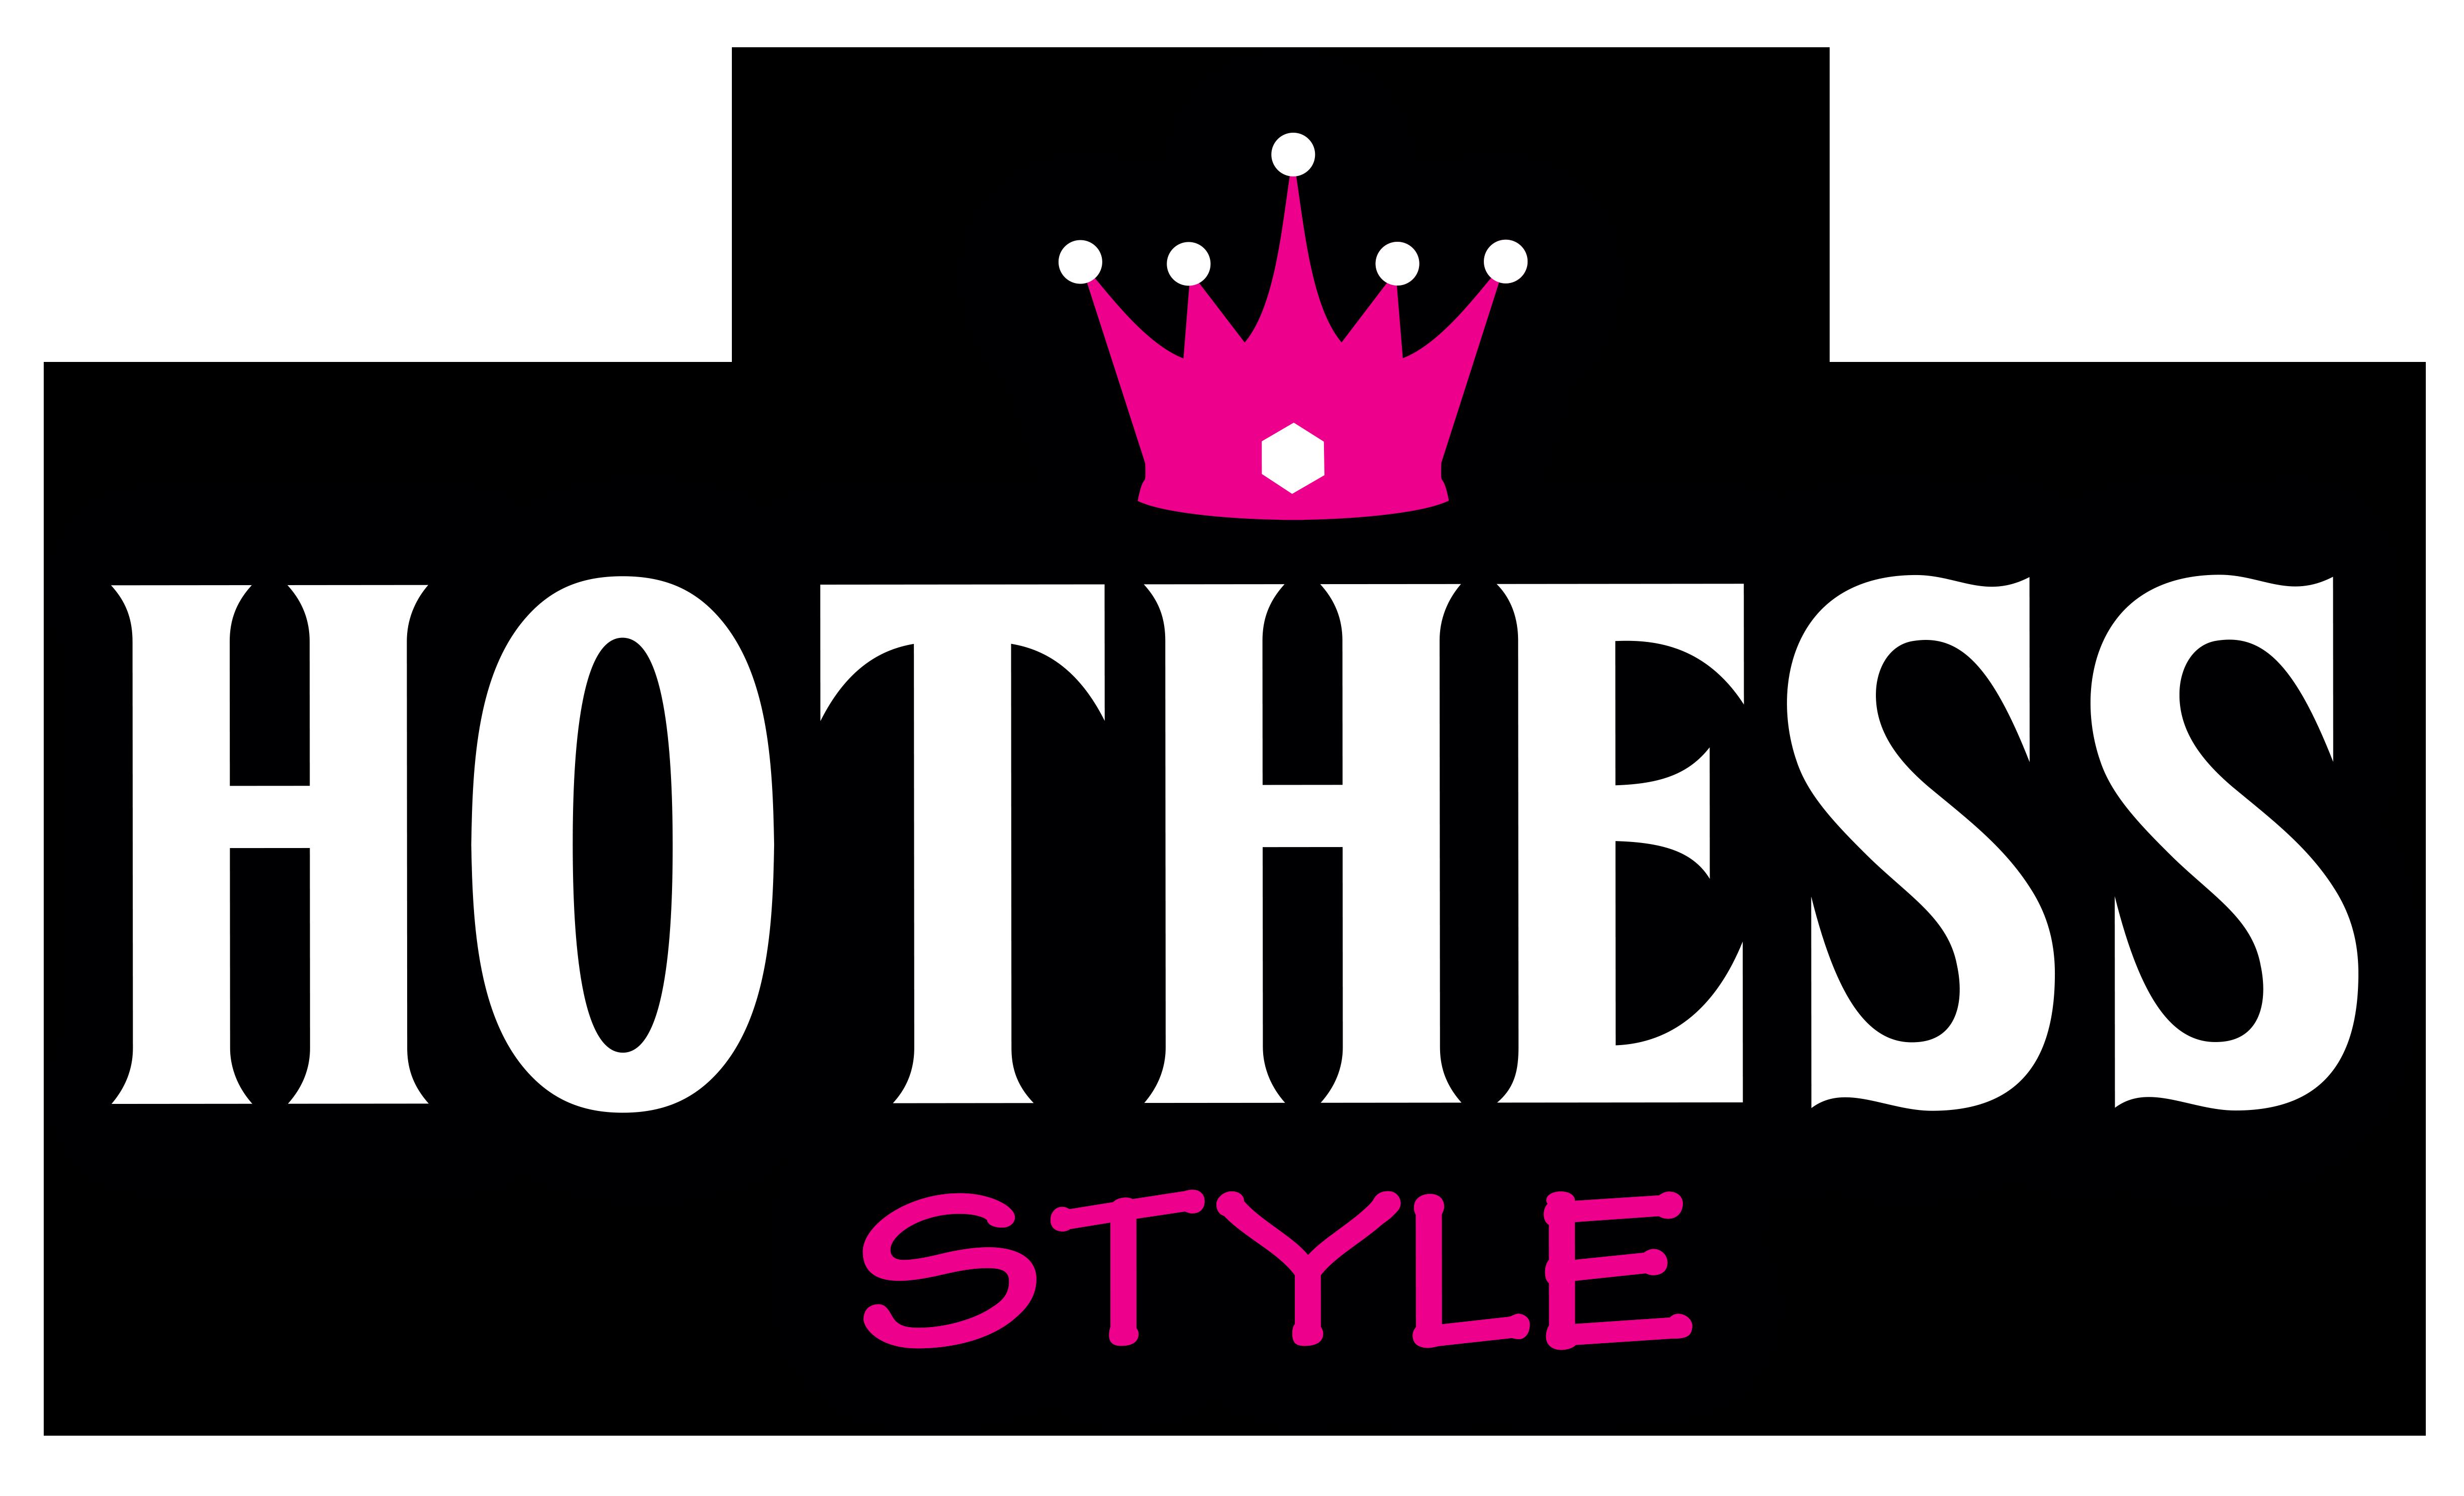 HOTHESS s.r.o.